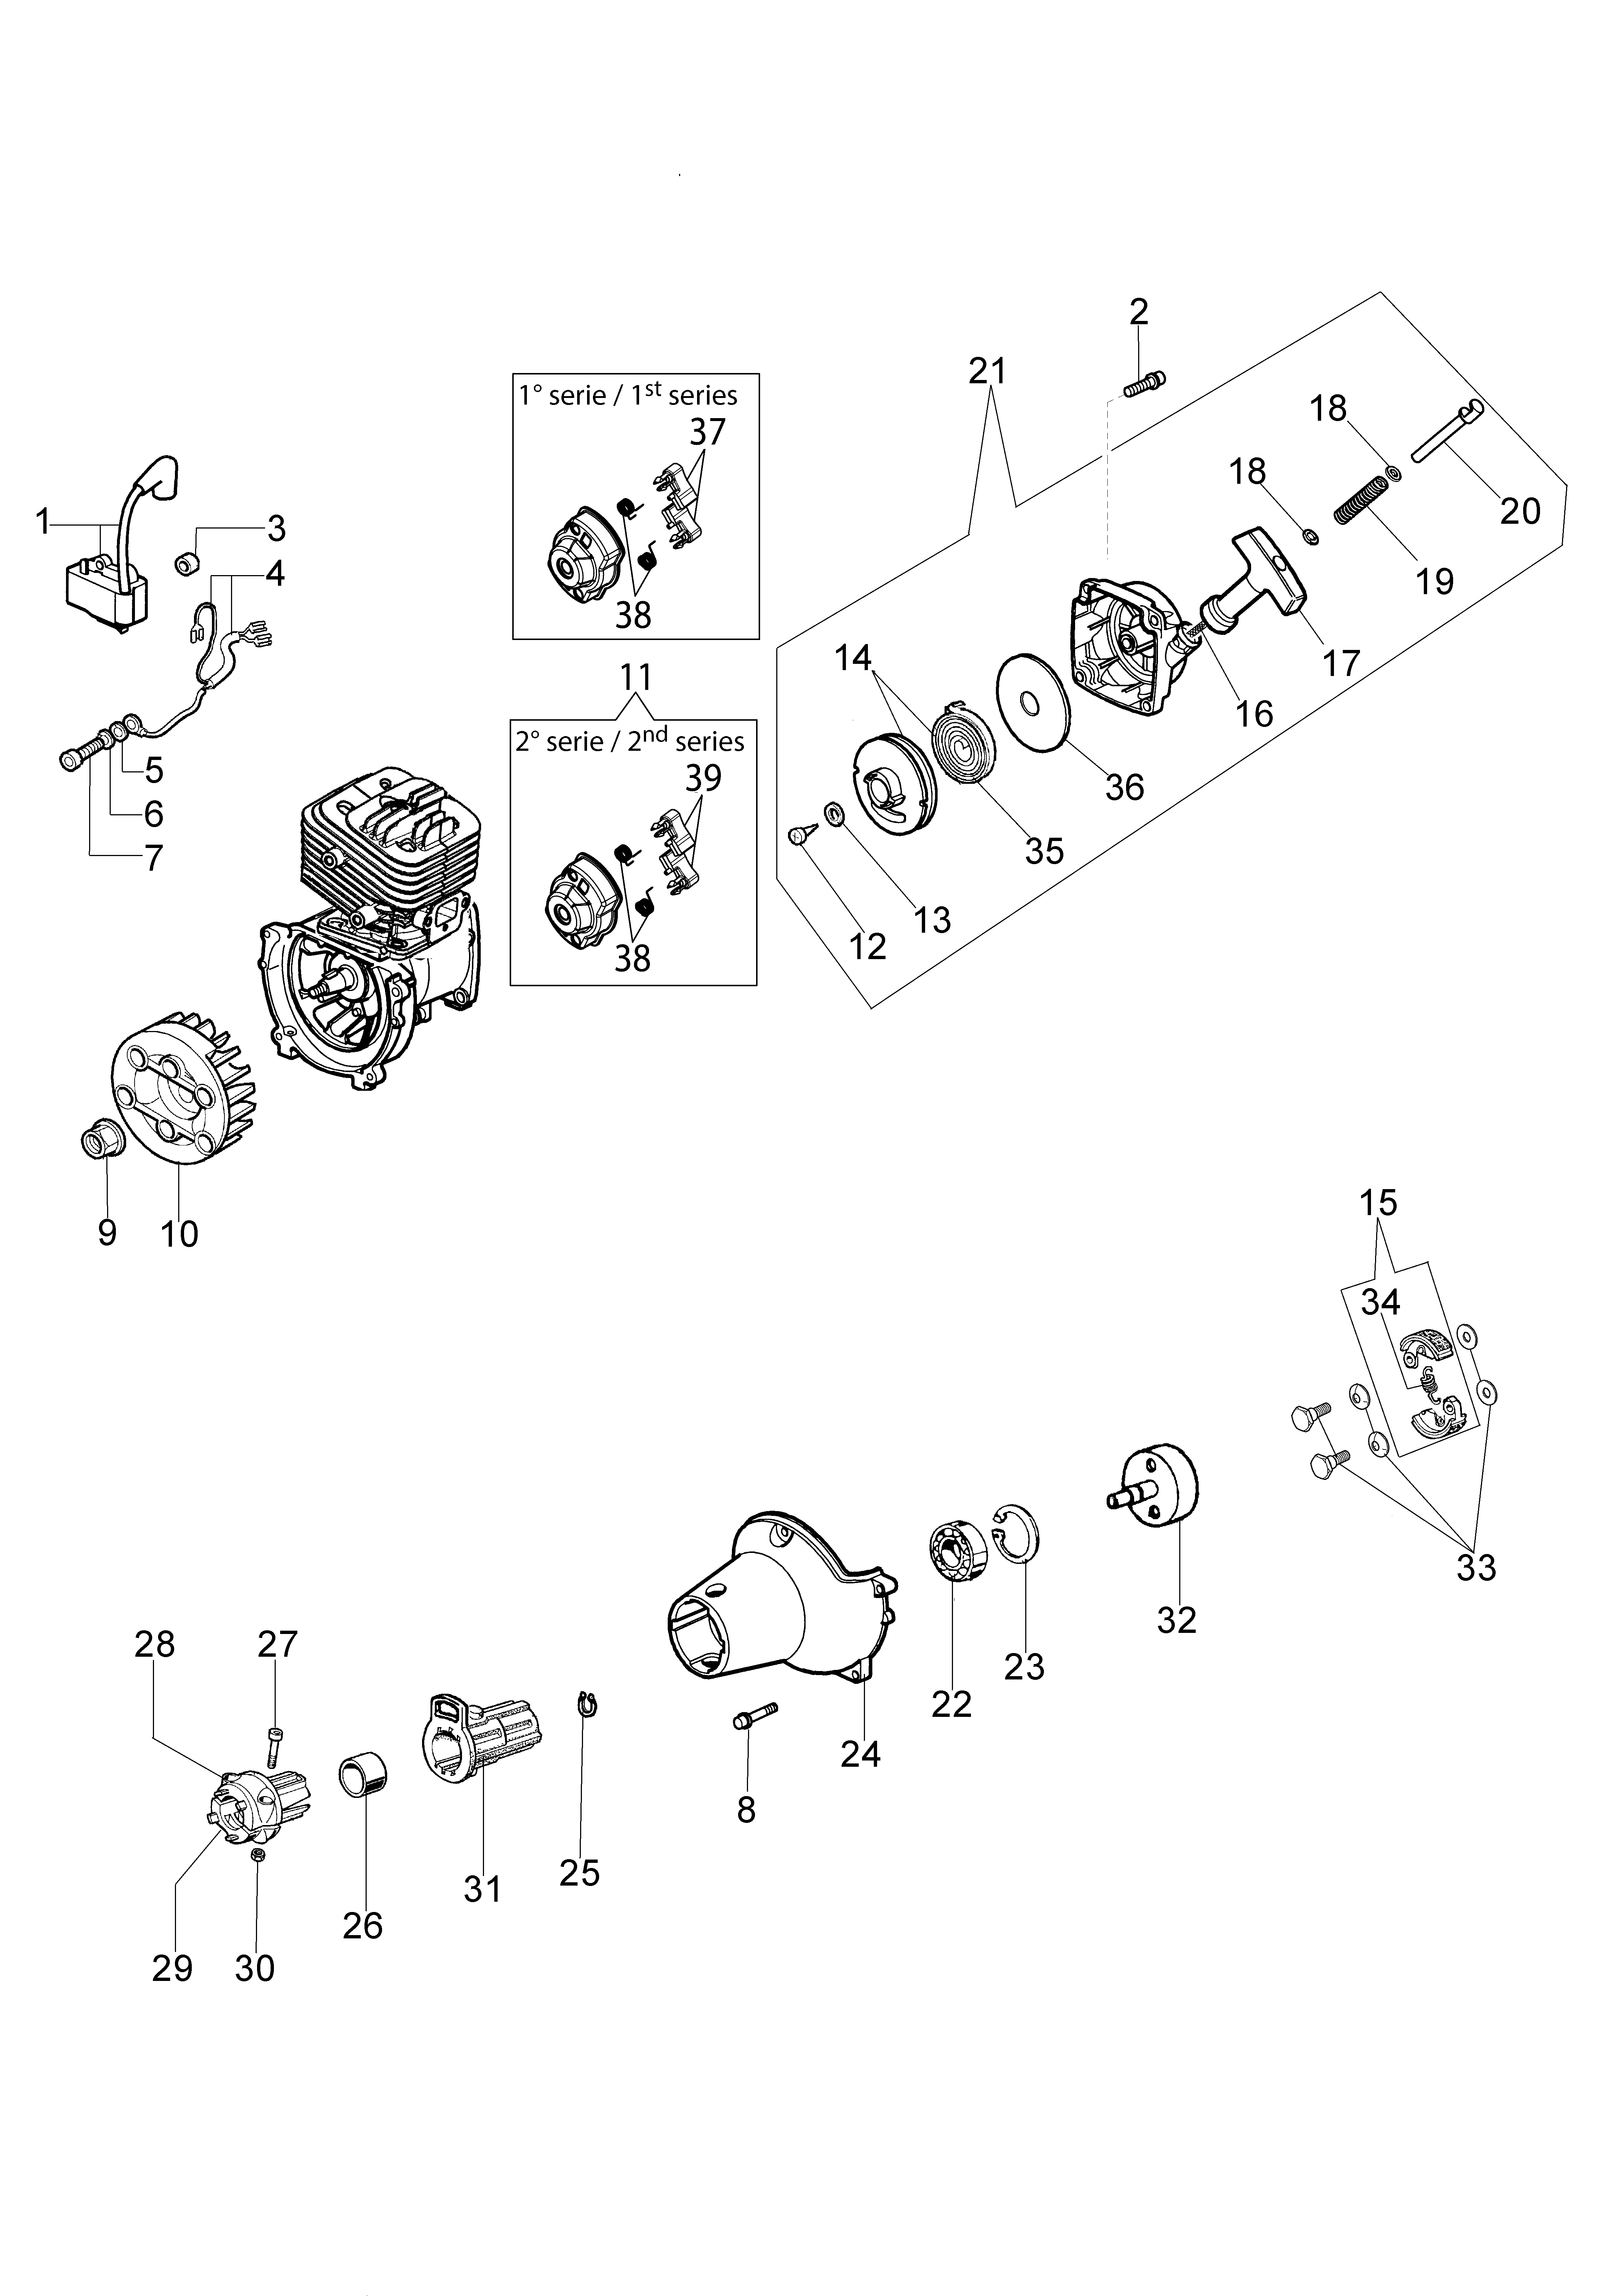 PPX 270 Elagueuses sur perche oleomac Dessins pièces vue éclatée Démarrage et embrayage